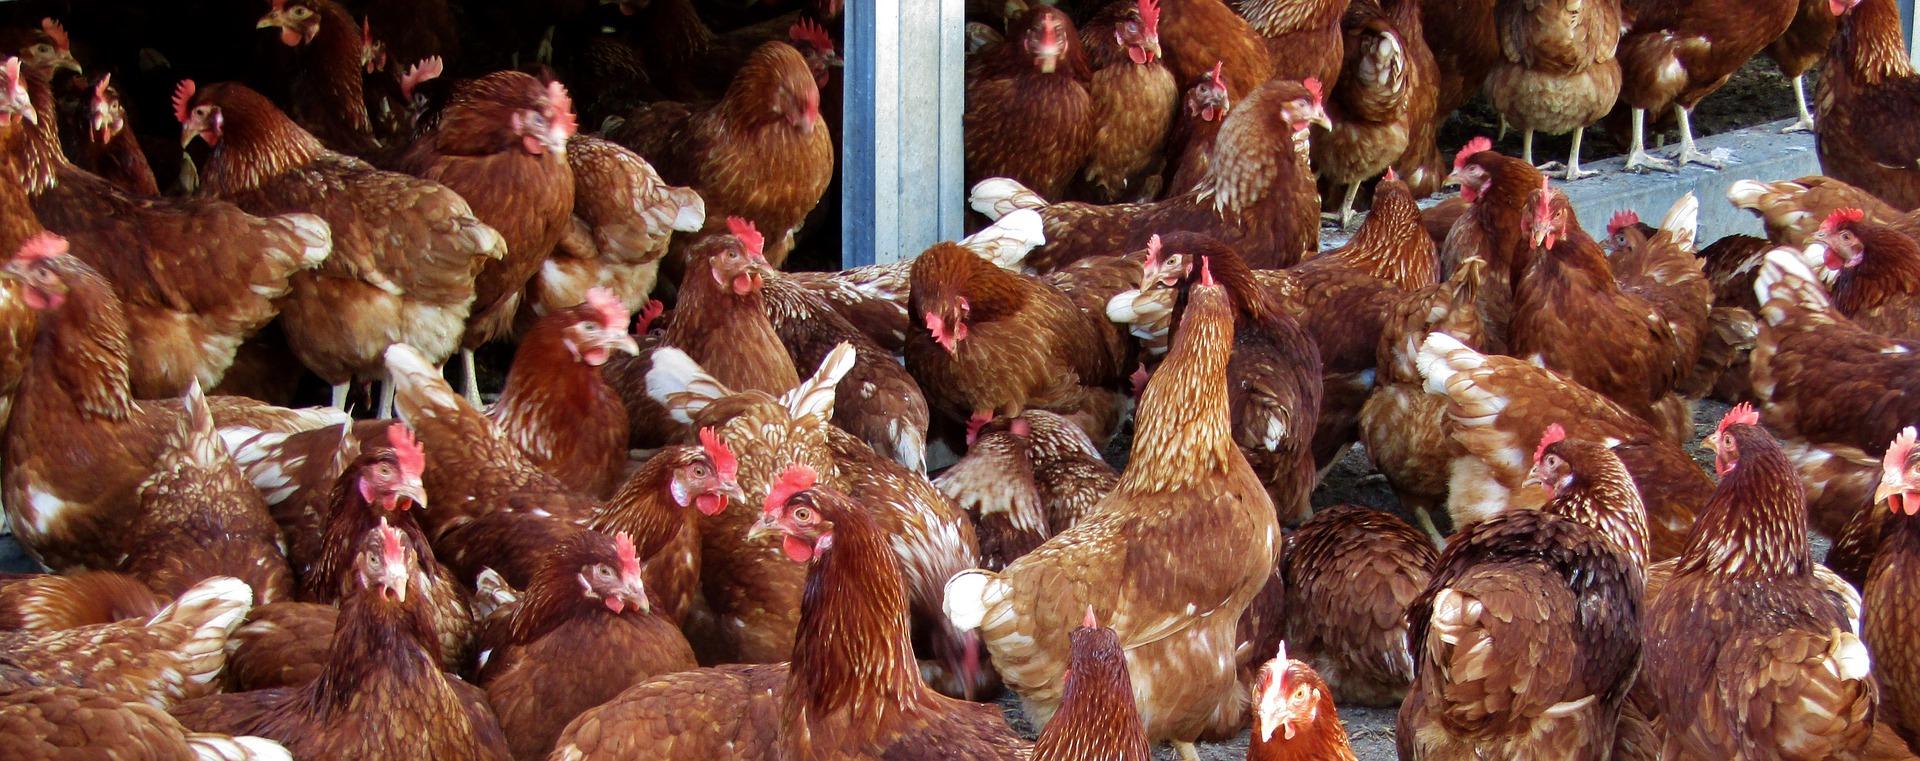 В Україні 62,3% домогосподарств утримують сільськогосподарських тварин